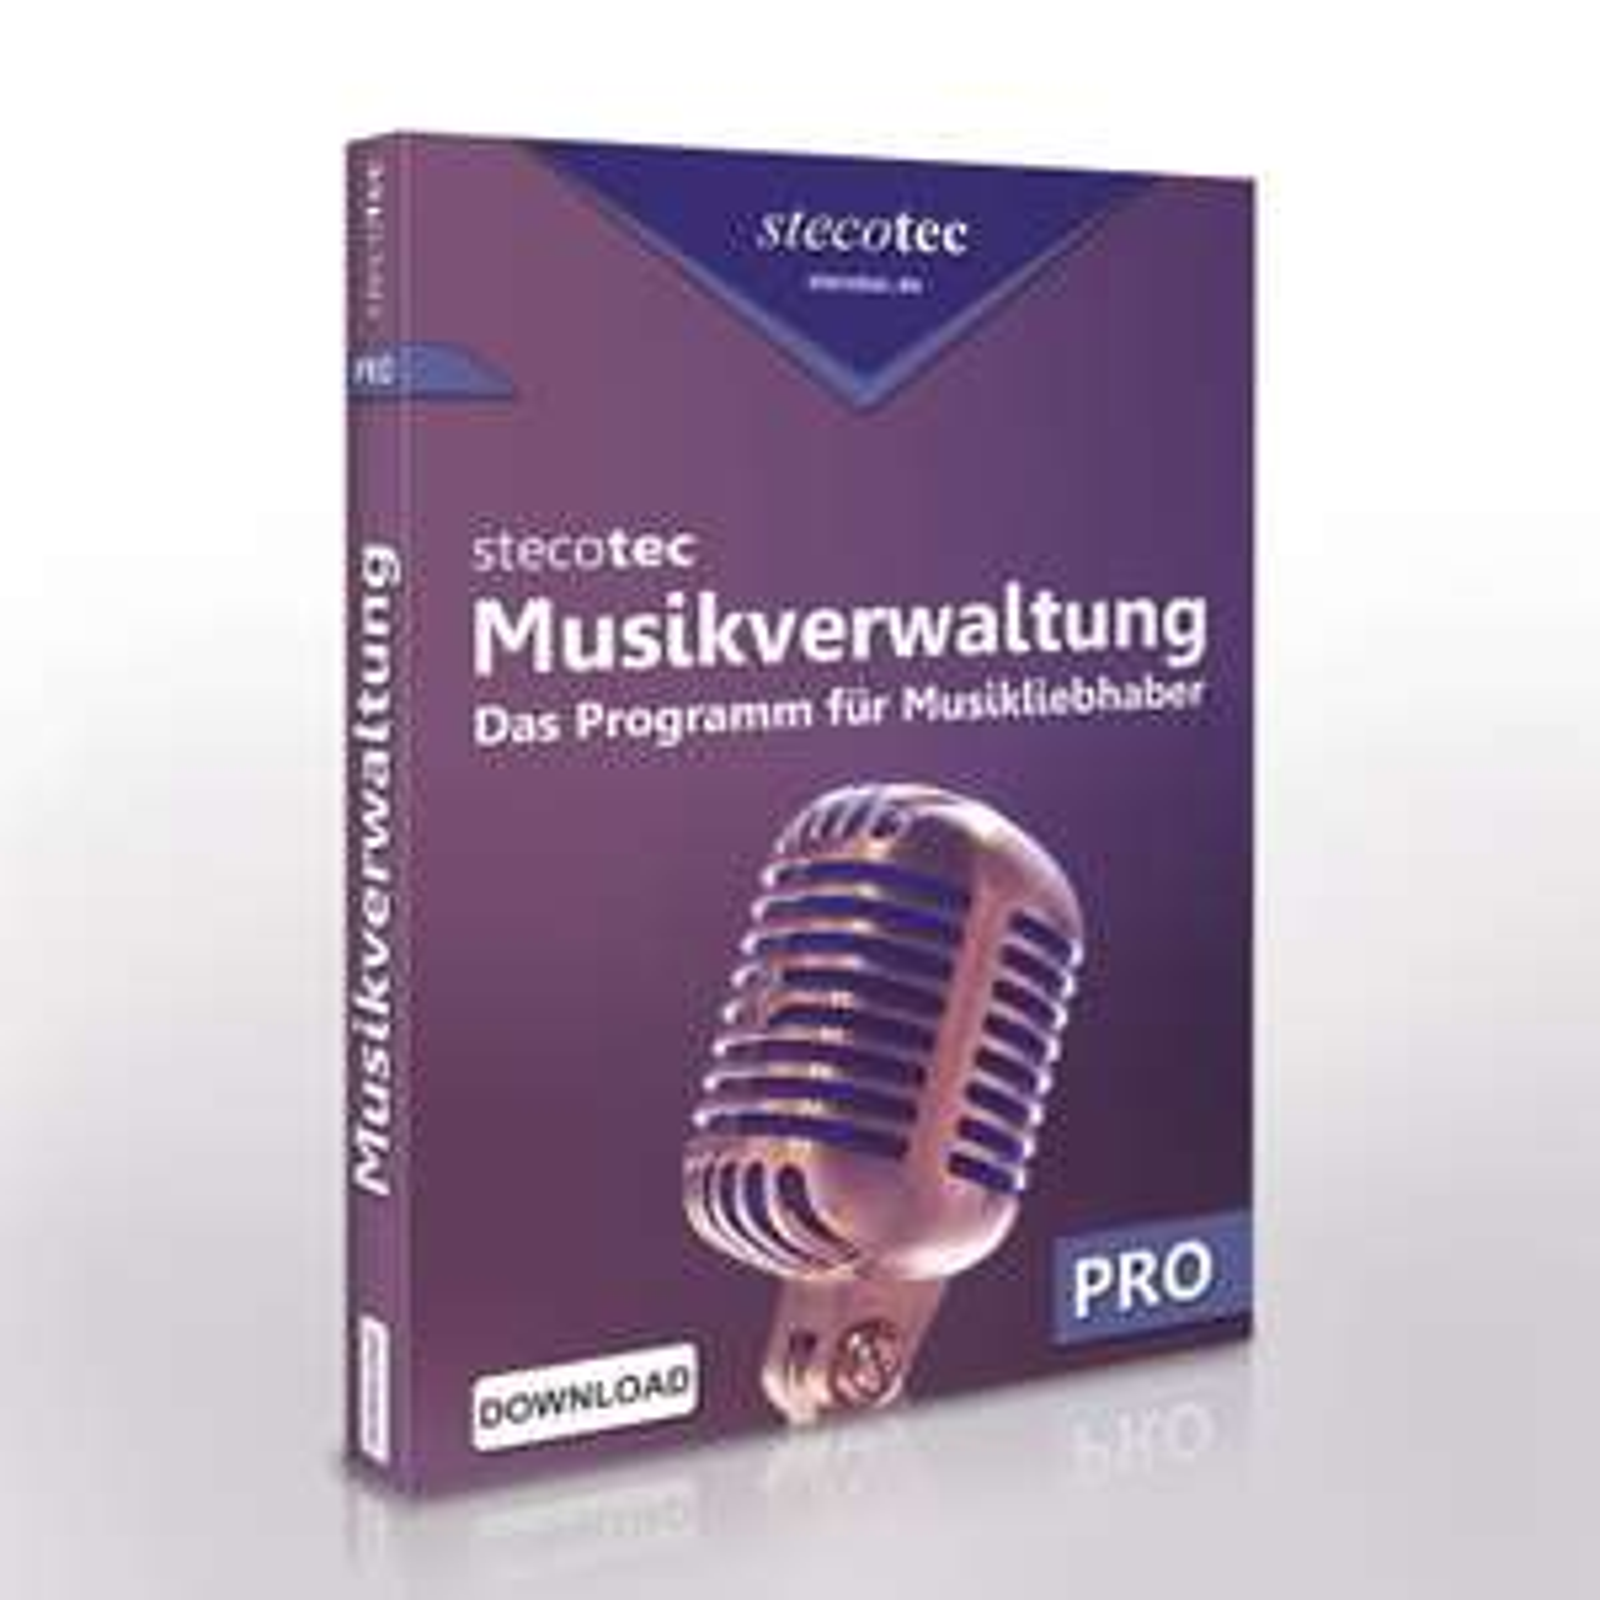 Stecotec Musikverwaltung Pro - Programm für Musikliebhaber